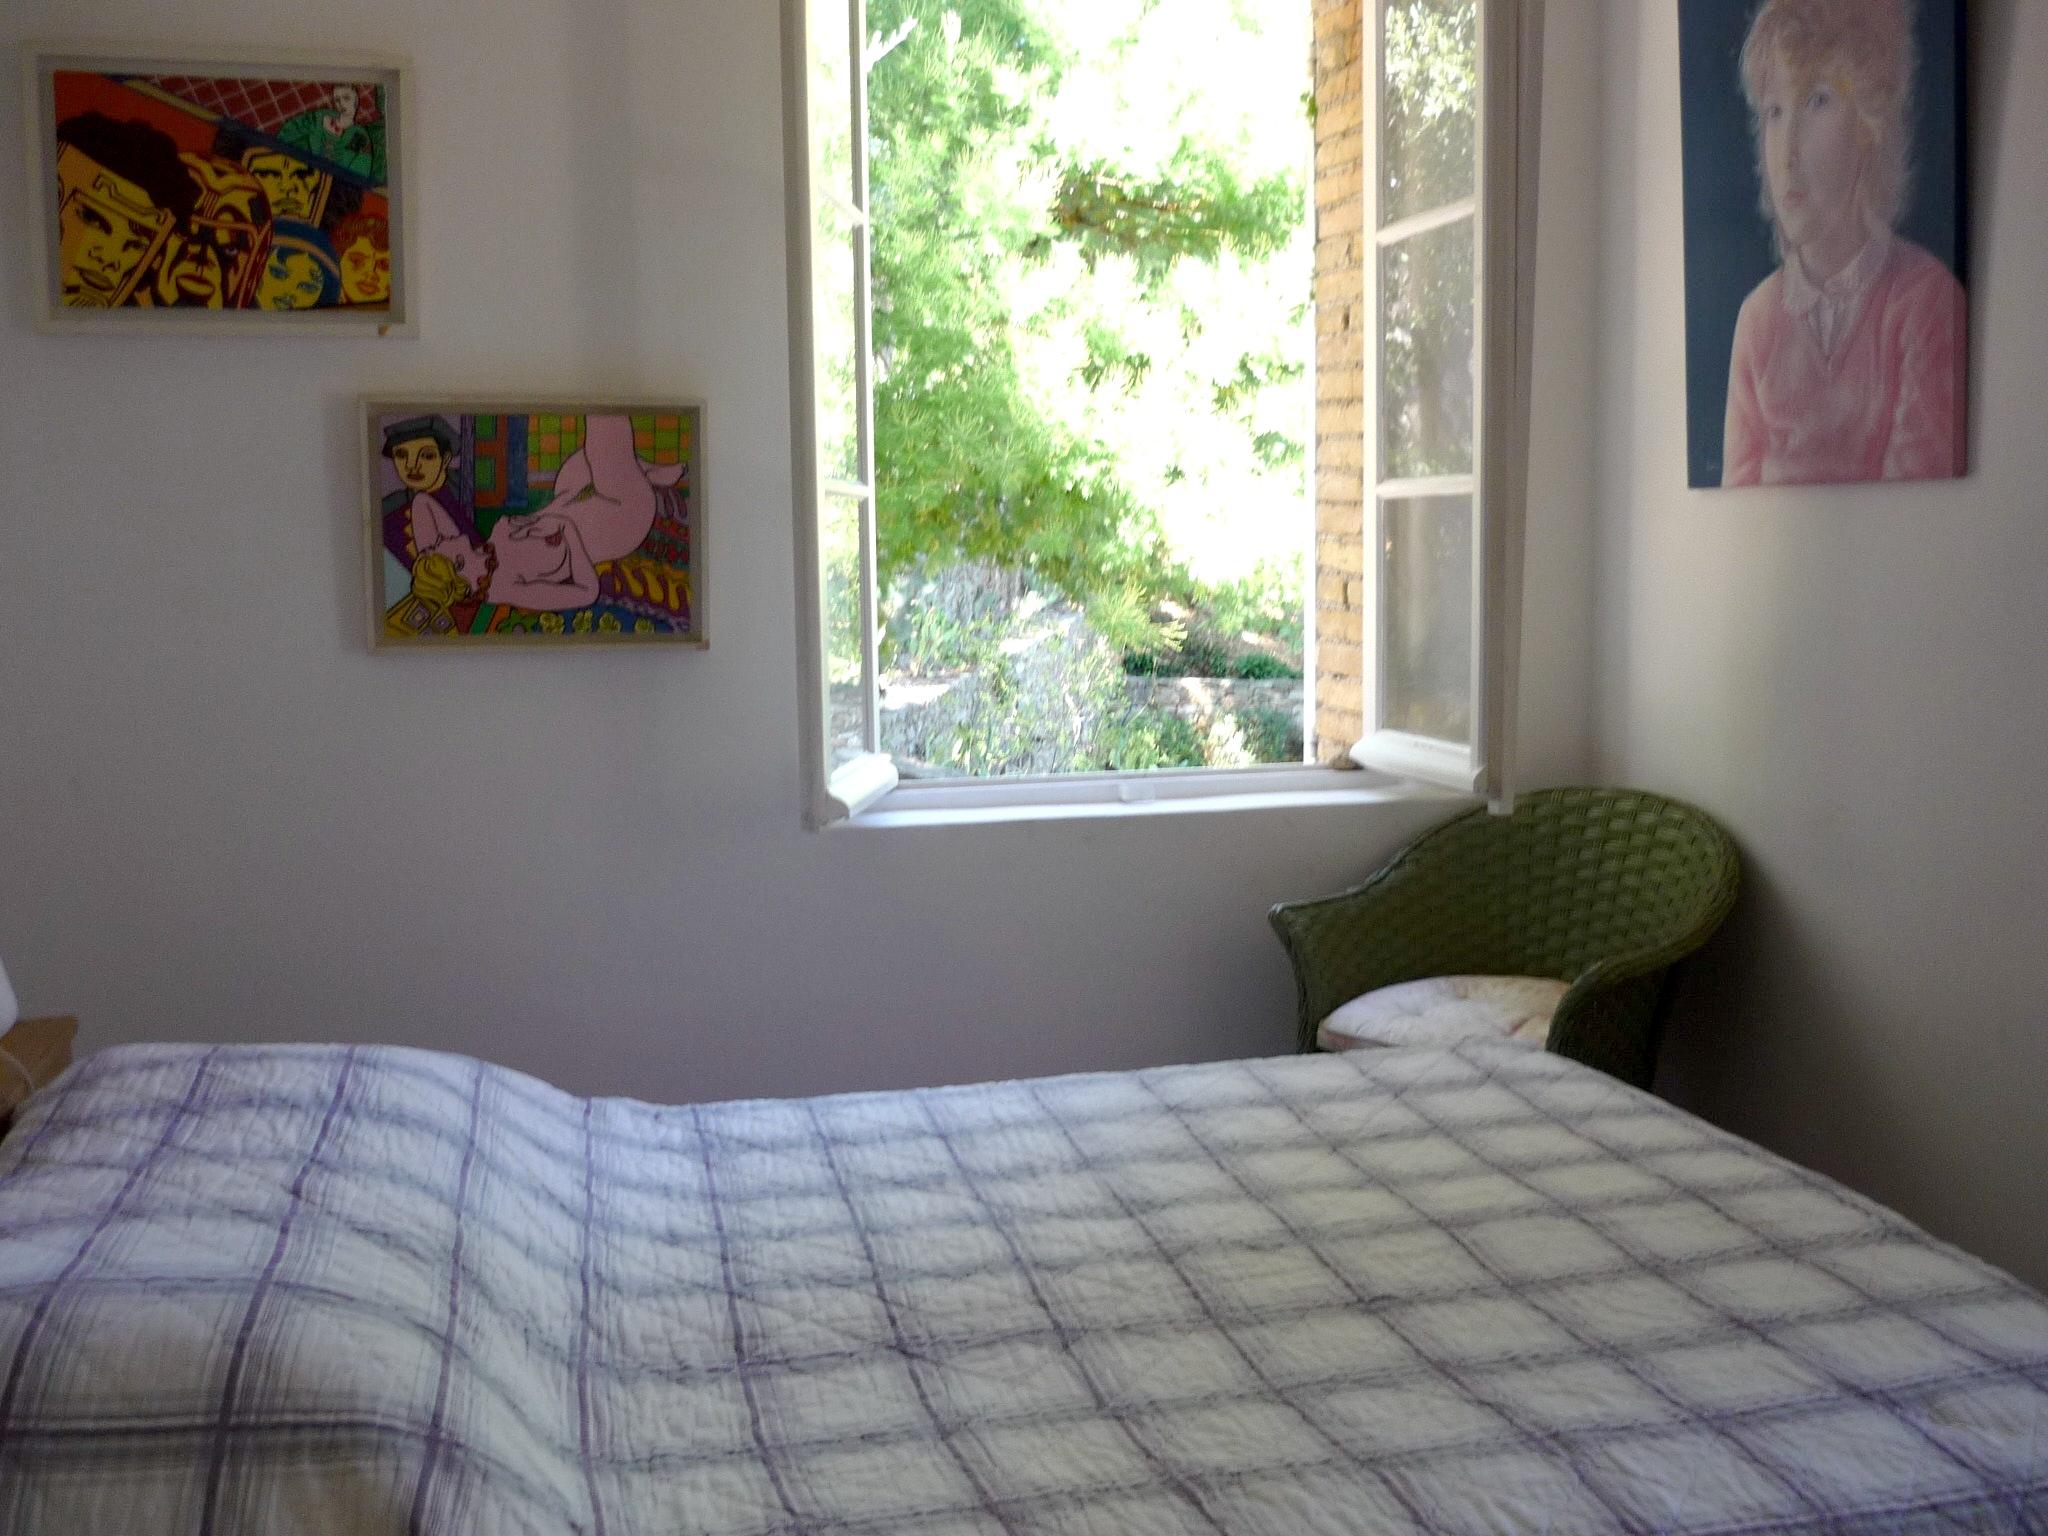 Maison de vacances Villa mit 5 Zimmern in La Garde-Freinet mit privatem Pool, Garten und W-LAN - 20 km vom St (2339879), La Garde Freinet, Côte d'Azur, Provence - Alpes - Côte d'Azur, France, image 18